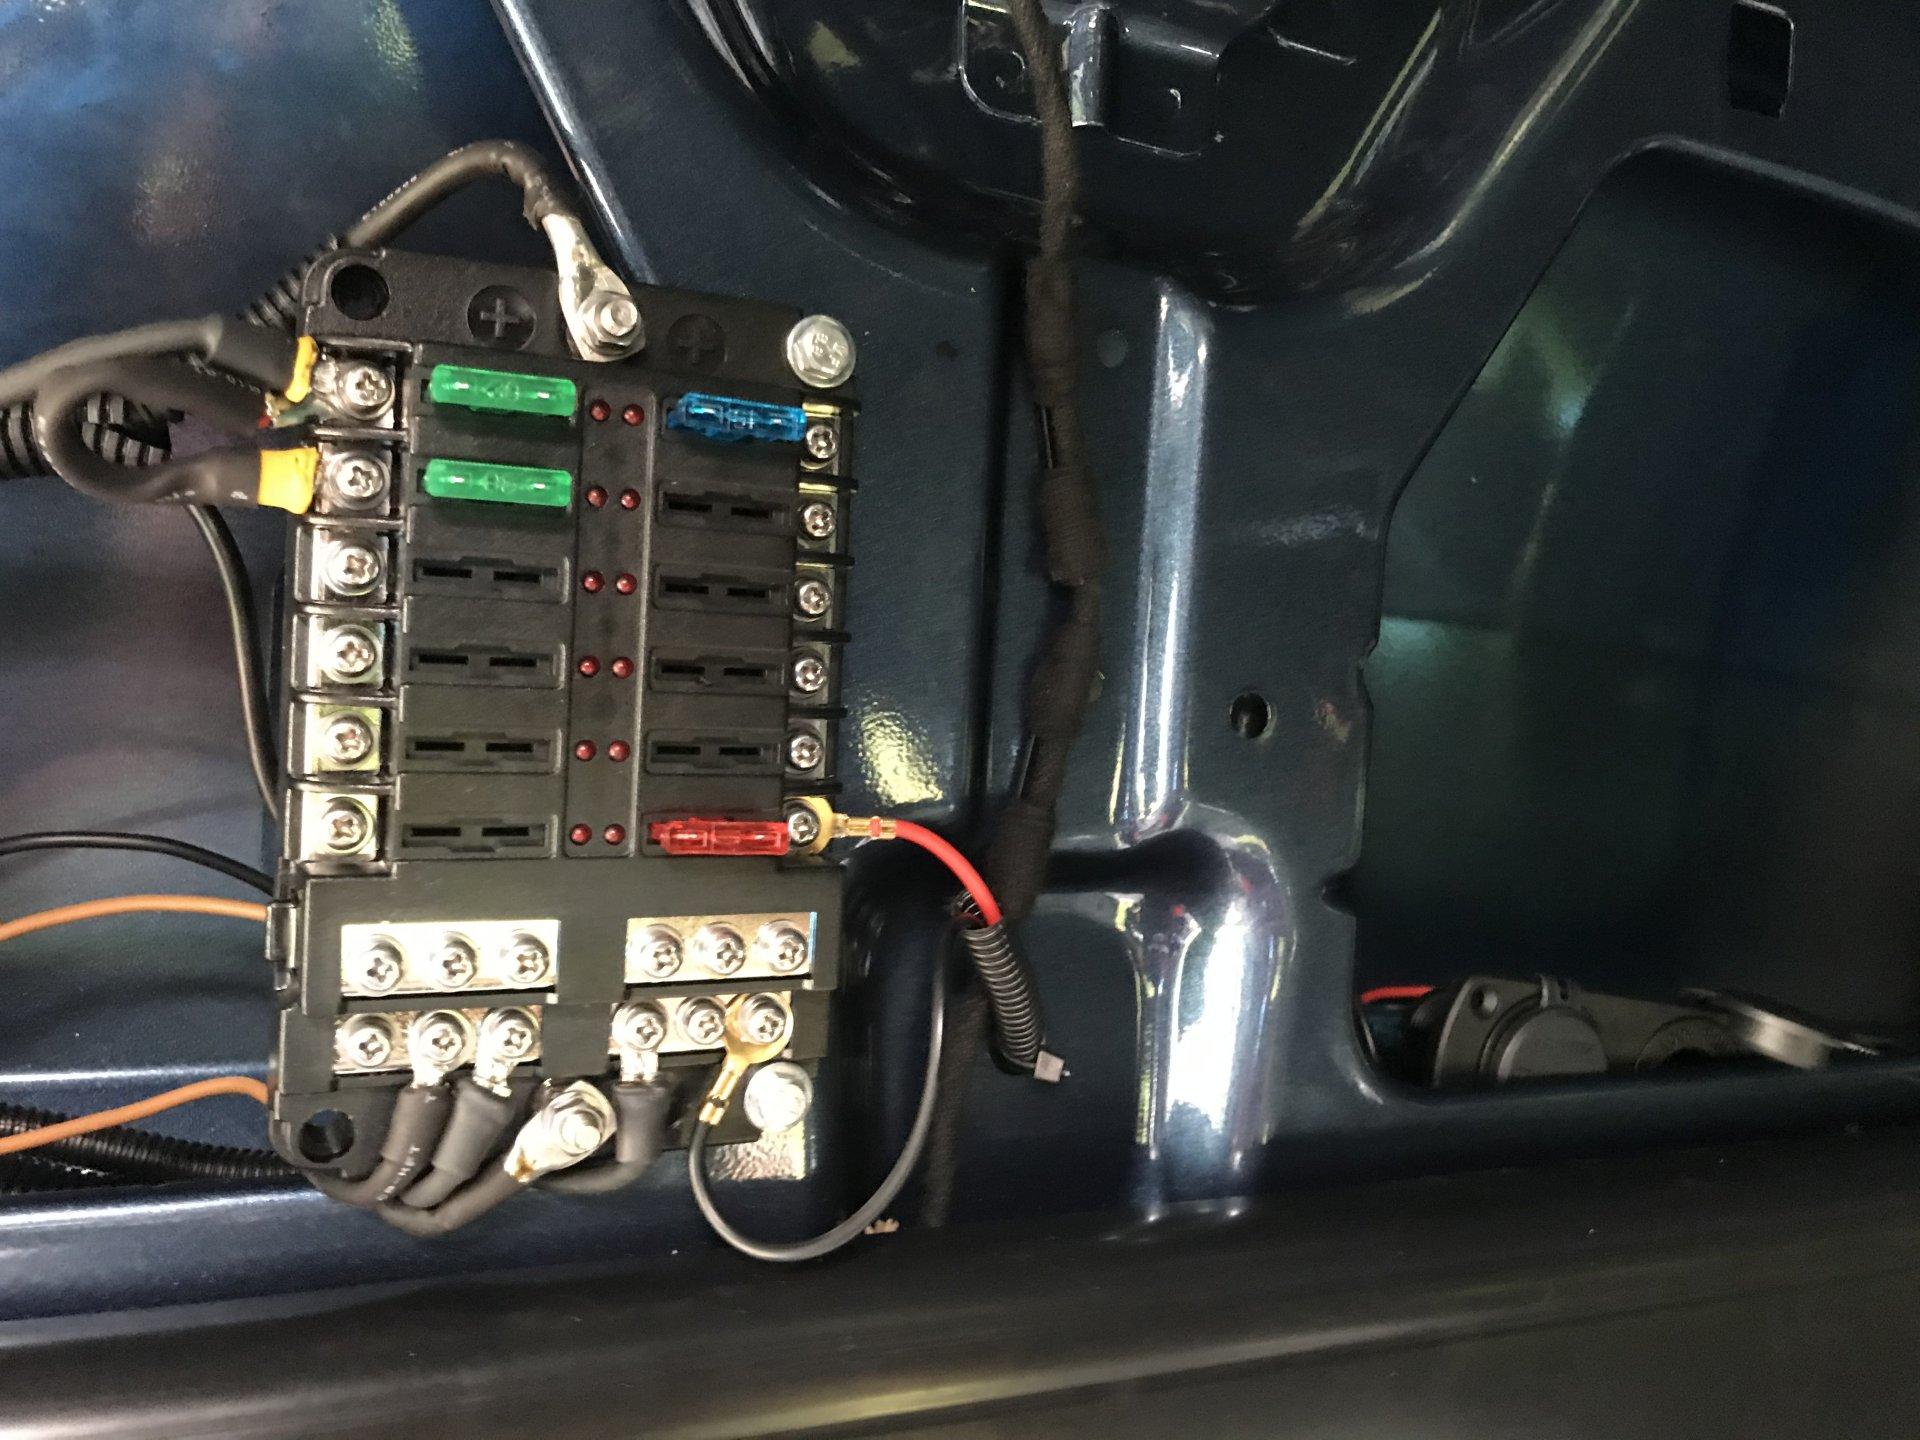 60BEC114-74A0-4665-9F9A-1F80F5D10423.jpeg